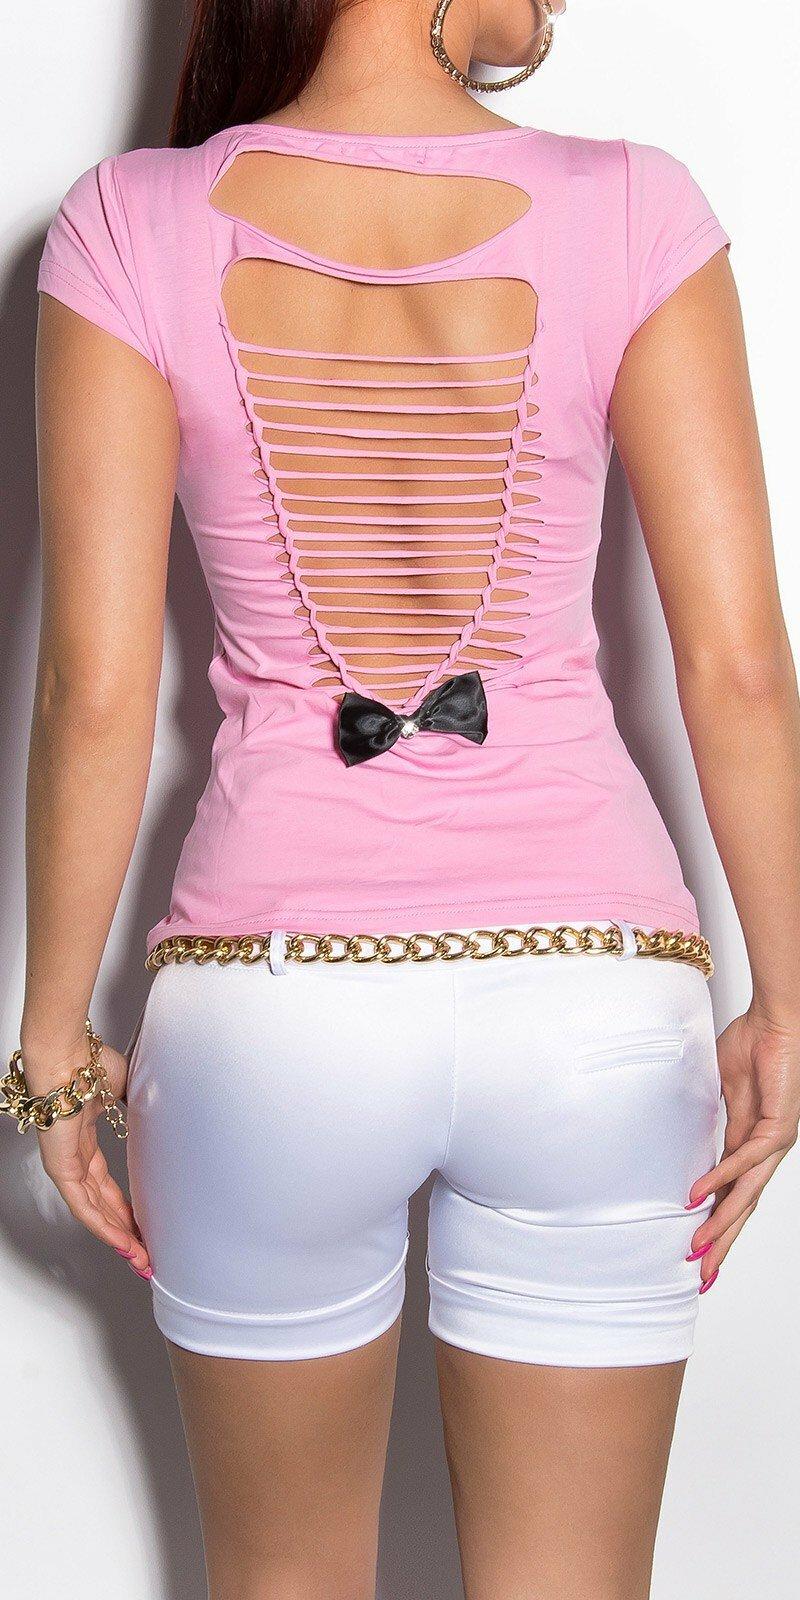 071a9dcd4 ... Dámske letné tričko s výstrihom na chrbte v 11 farbách Bledá ružová ...